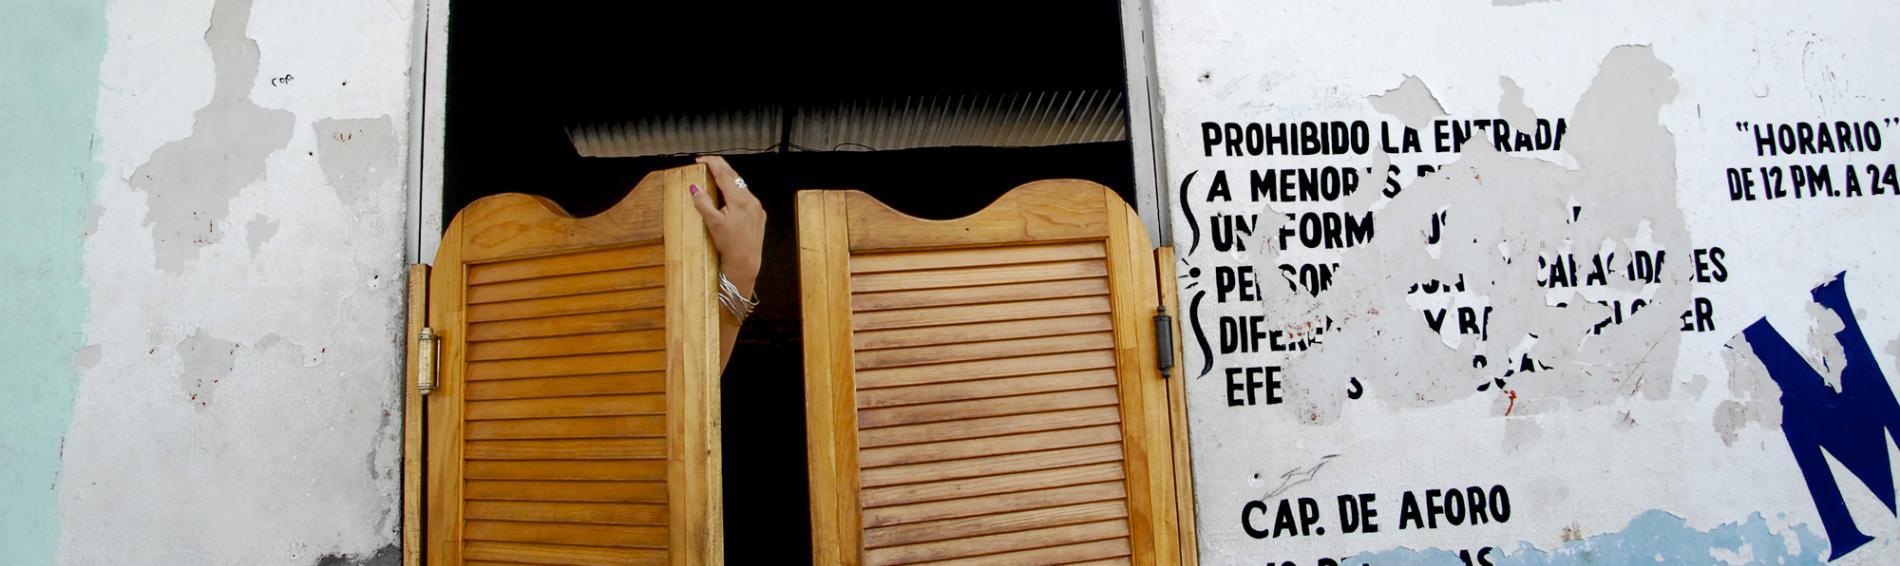 Präventions- und Schadensminderungsprogramme für SexarbeiterInnen in Mexiko. Foto: Michel Redondo